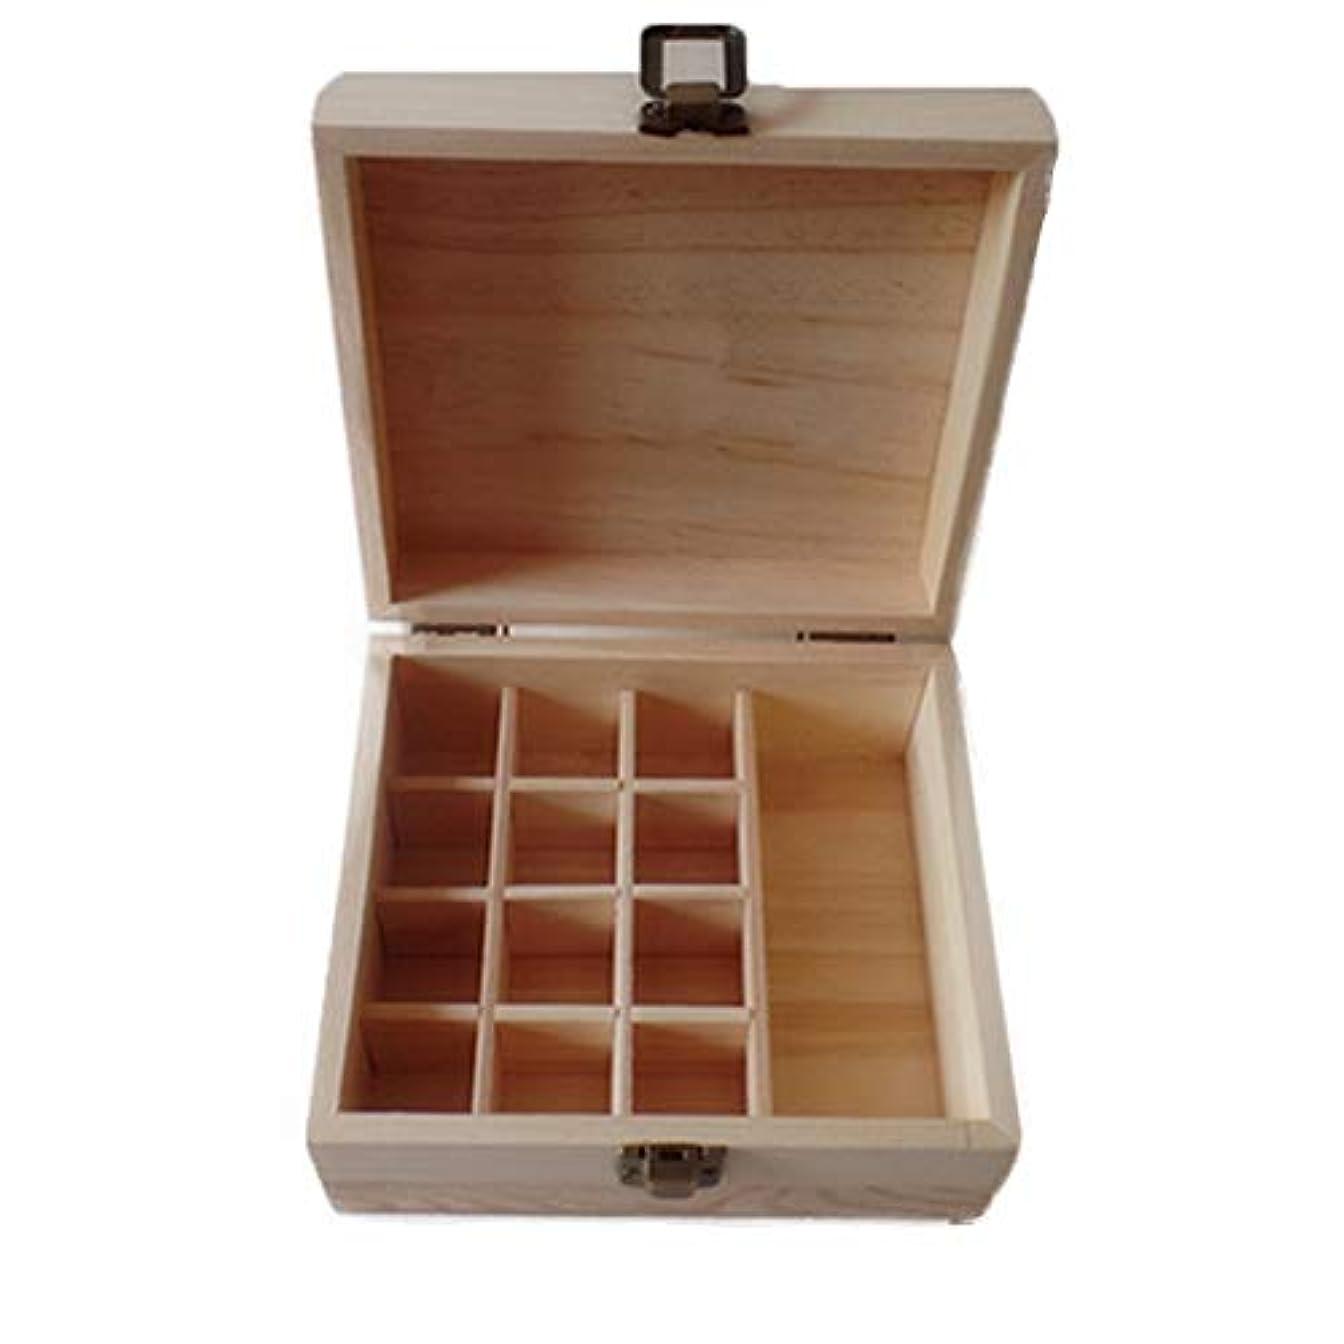 熱心モネ誰エッセンシャルオイルの保管 ディスプレイのプレゼンテーションのために完璧な13スロットエッセンシャルオイルストレージ木箱エッセンシャルオイル木製ケース (色 : Natural, サイズ : 15X16.9X8CM)